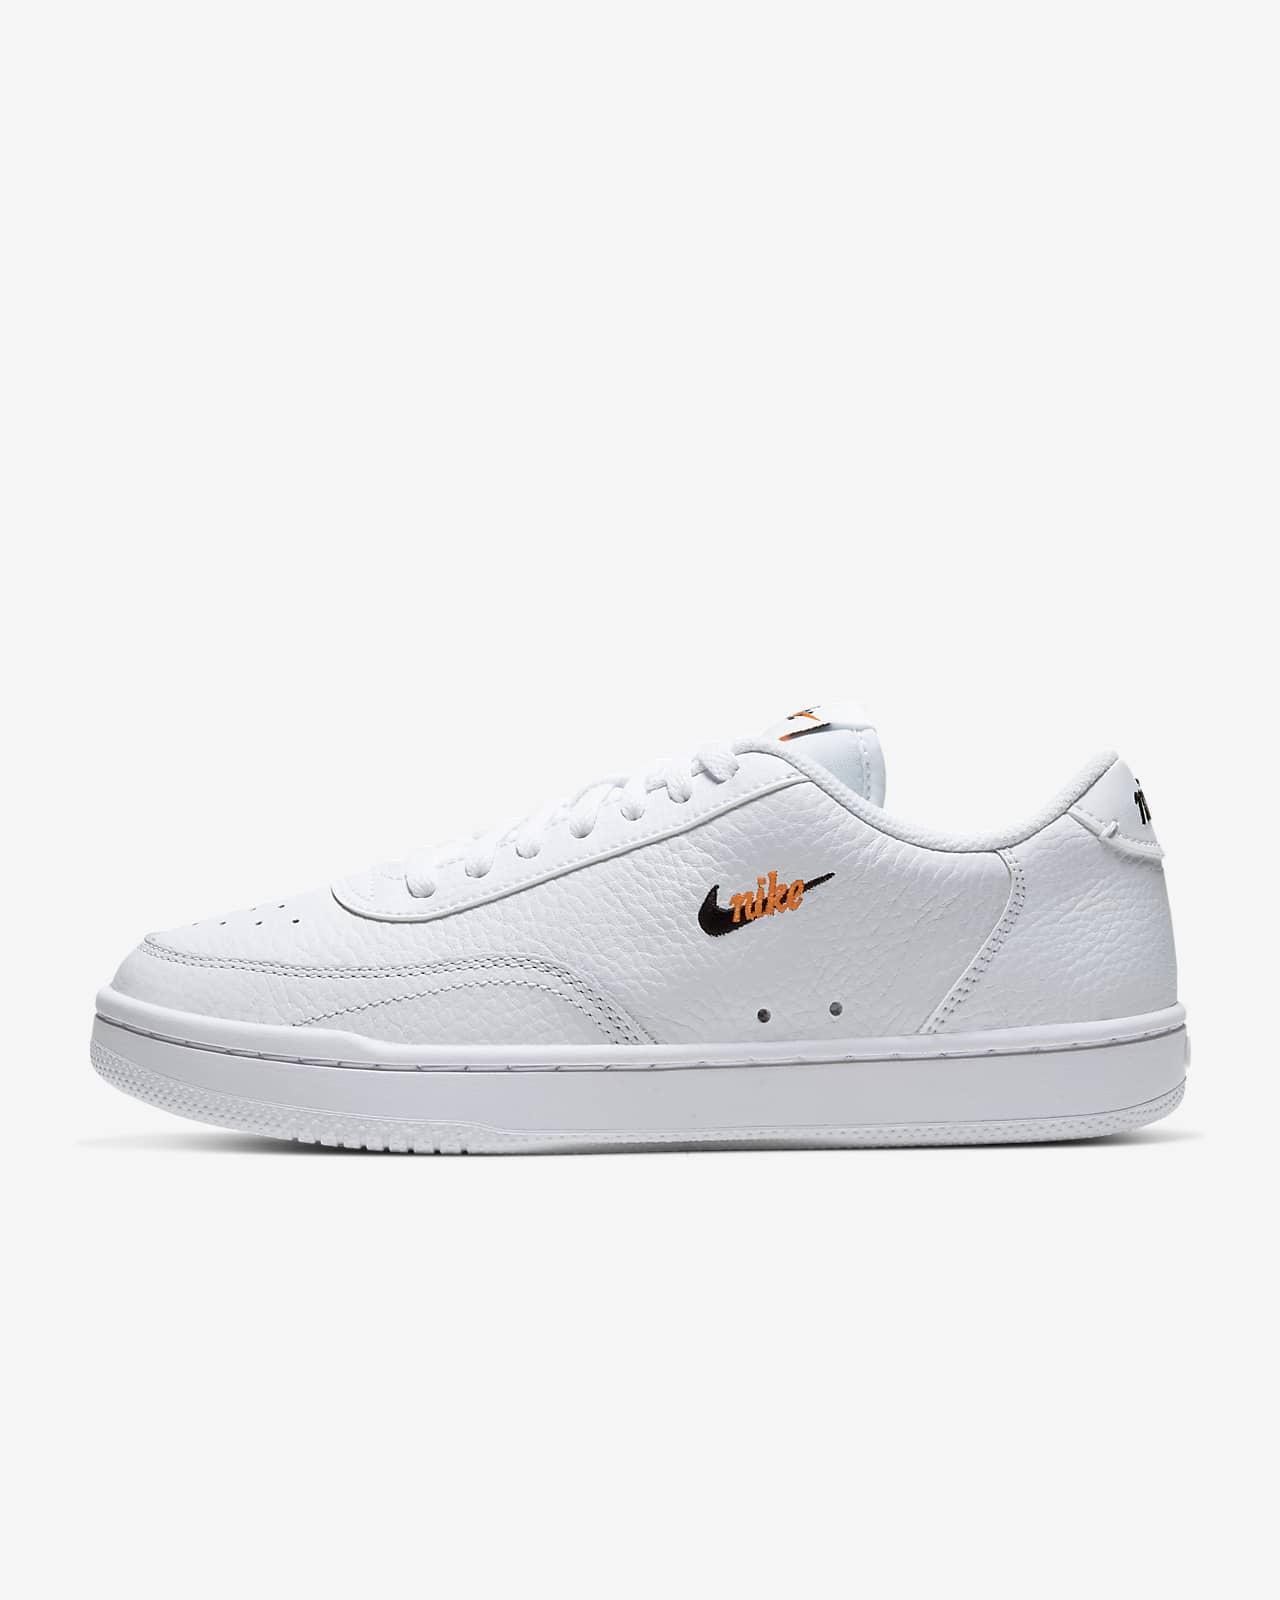 pérdida En marcha Peladura  Nike Court Vintage Premium Women's Shoe. Nike LU